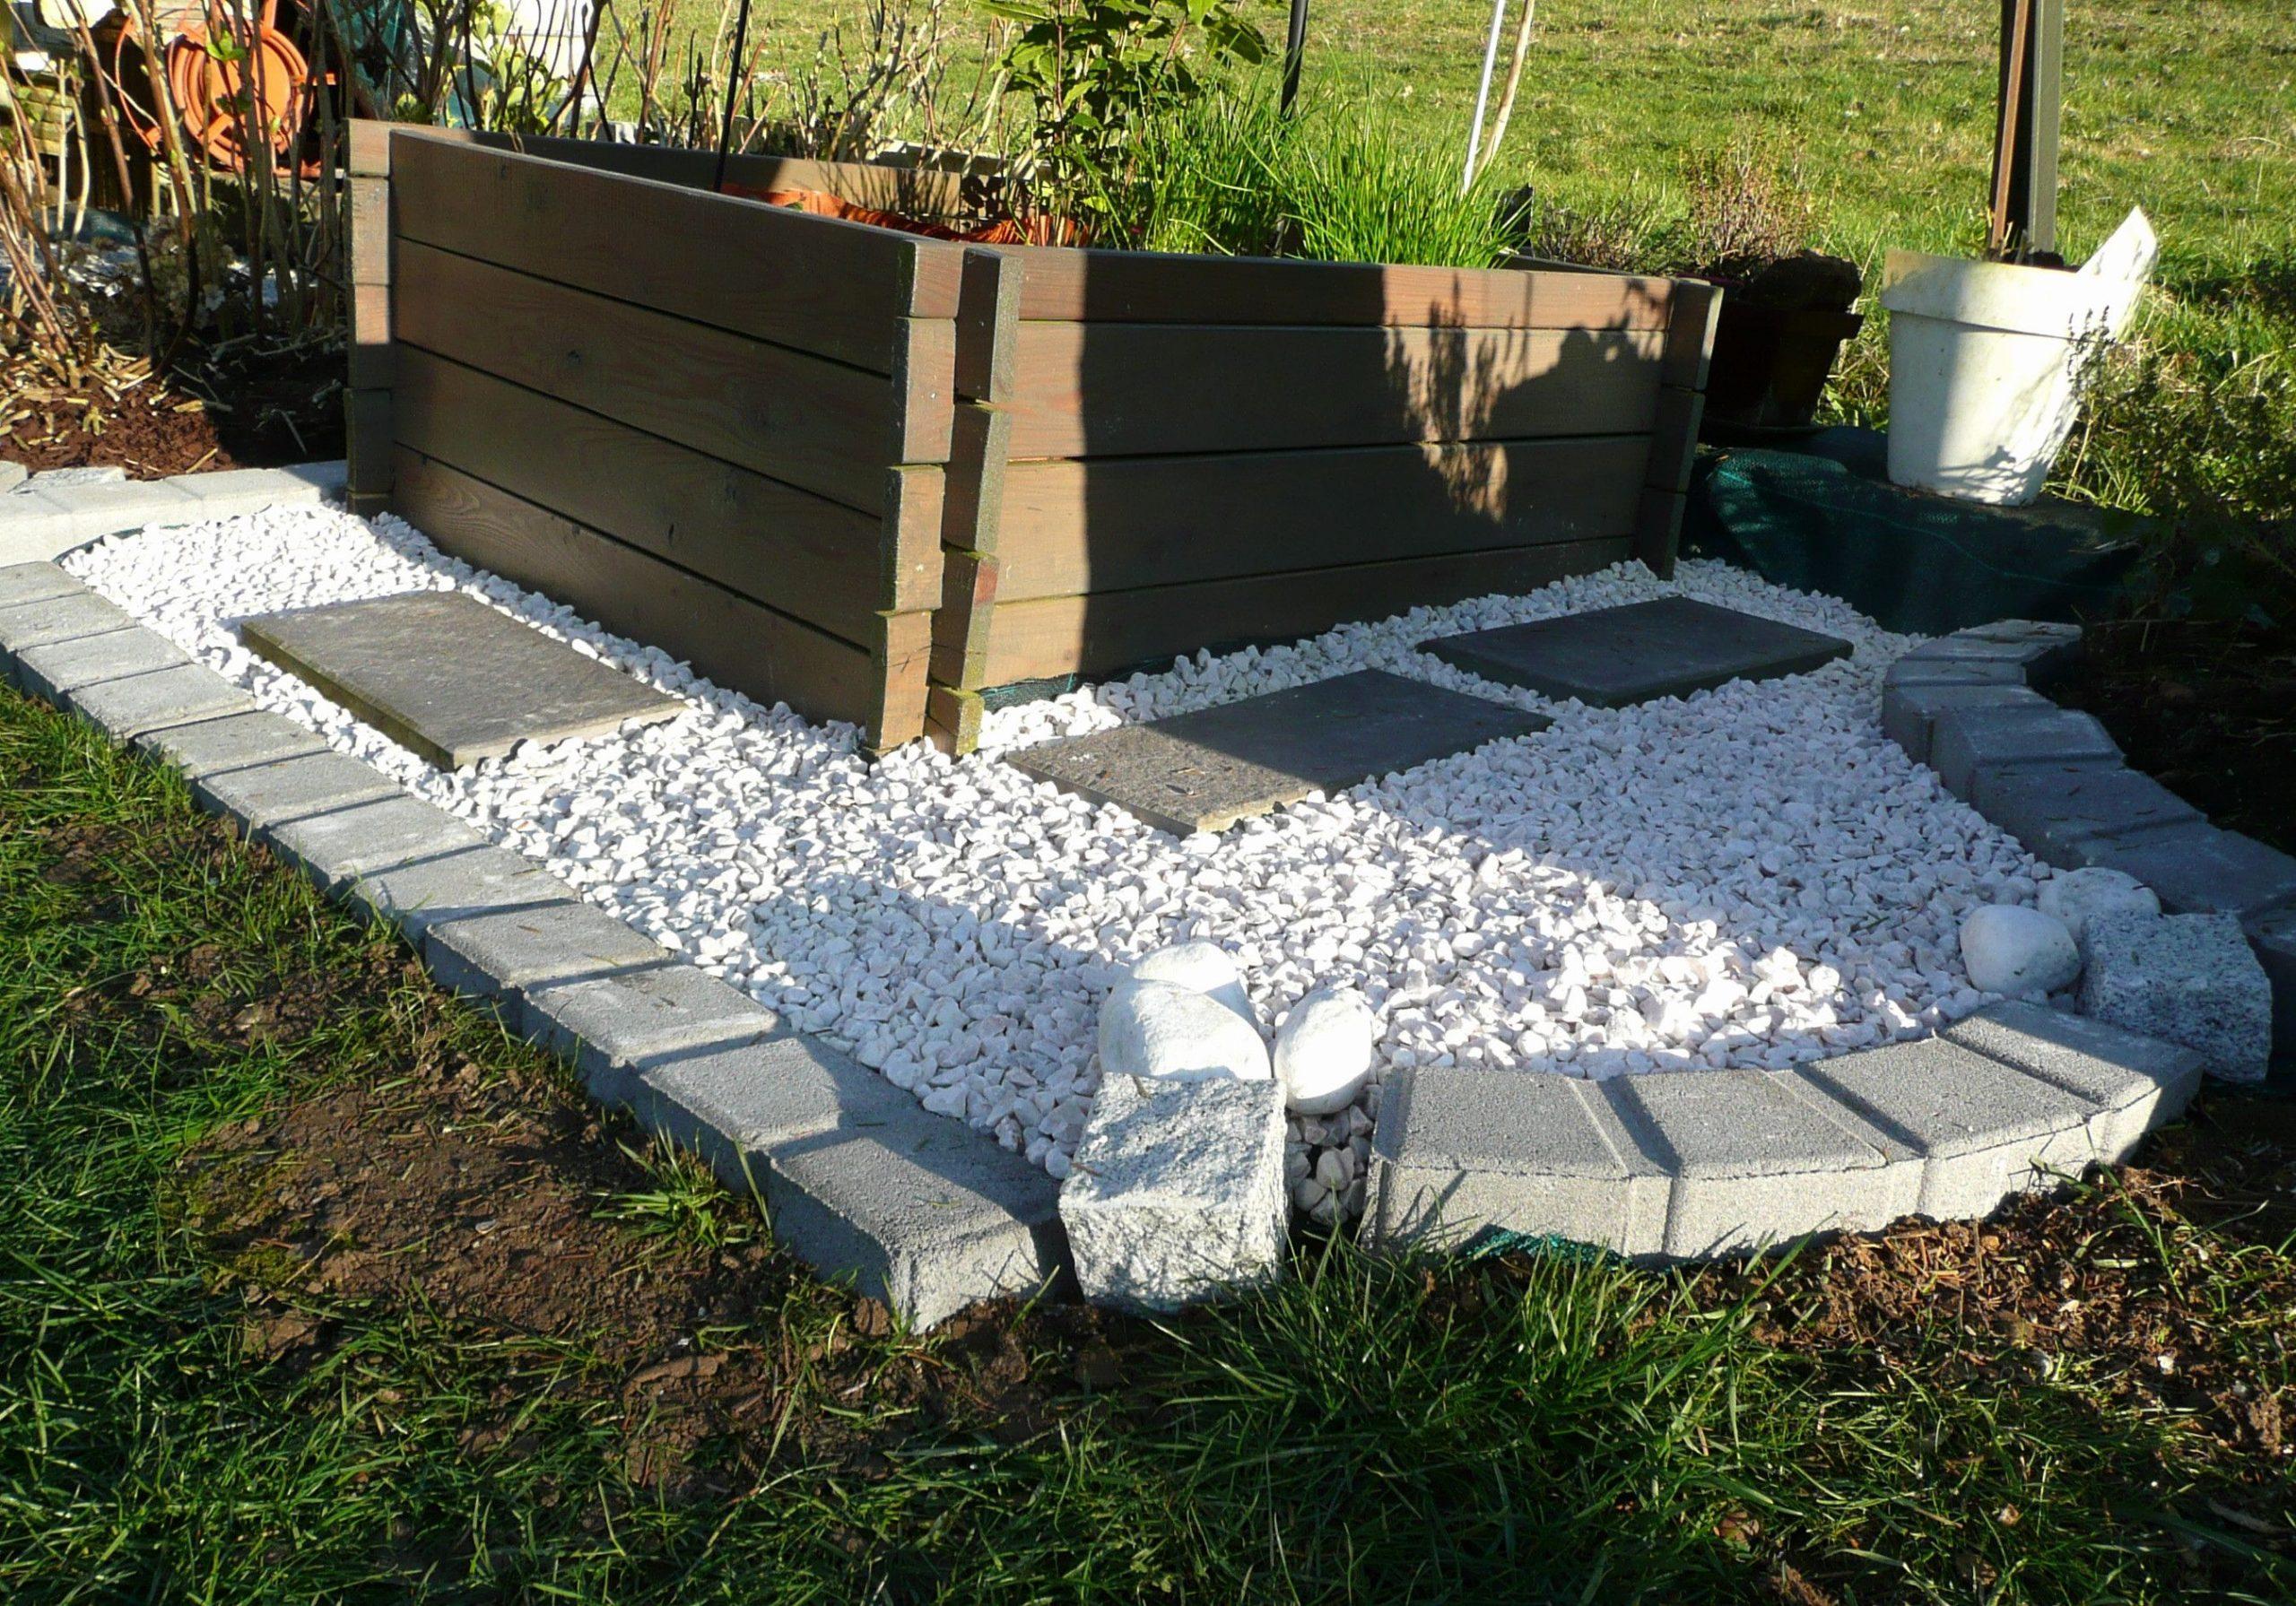 Cailloux Blanc Jardin Fresh Amenagement Jardin Avec Gravier ... à Caillou Pour Jardin